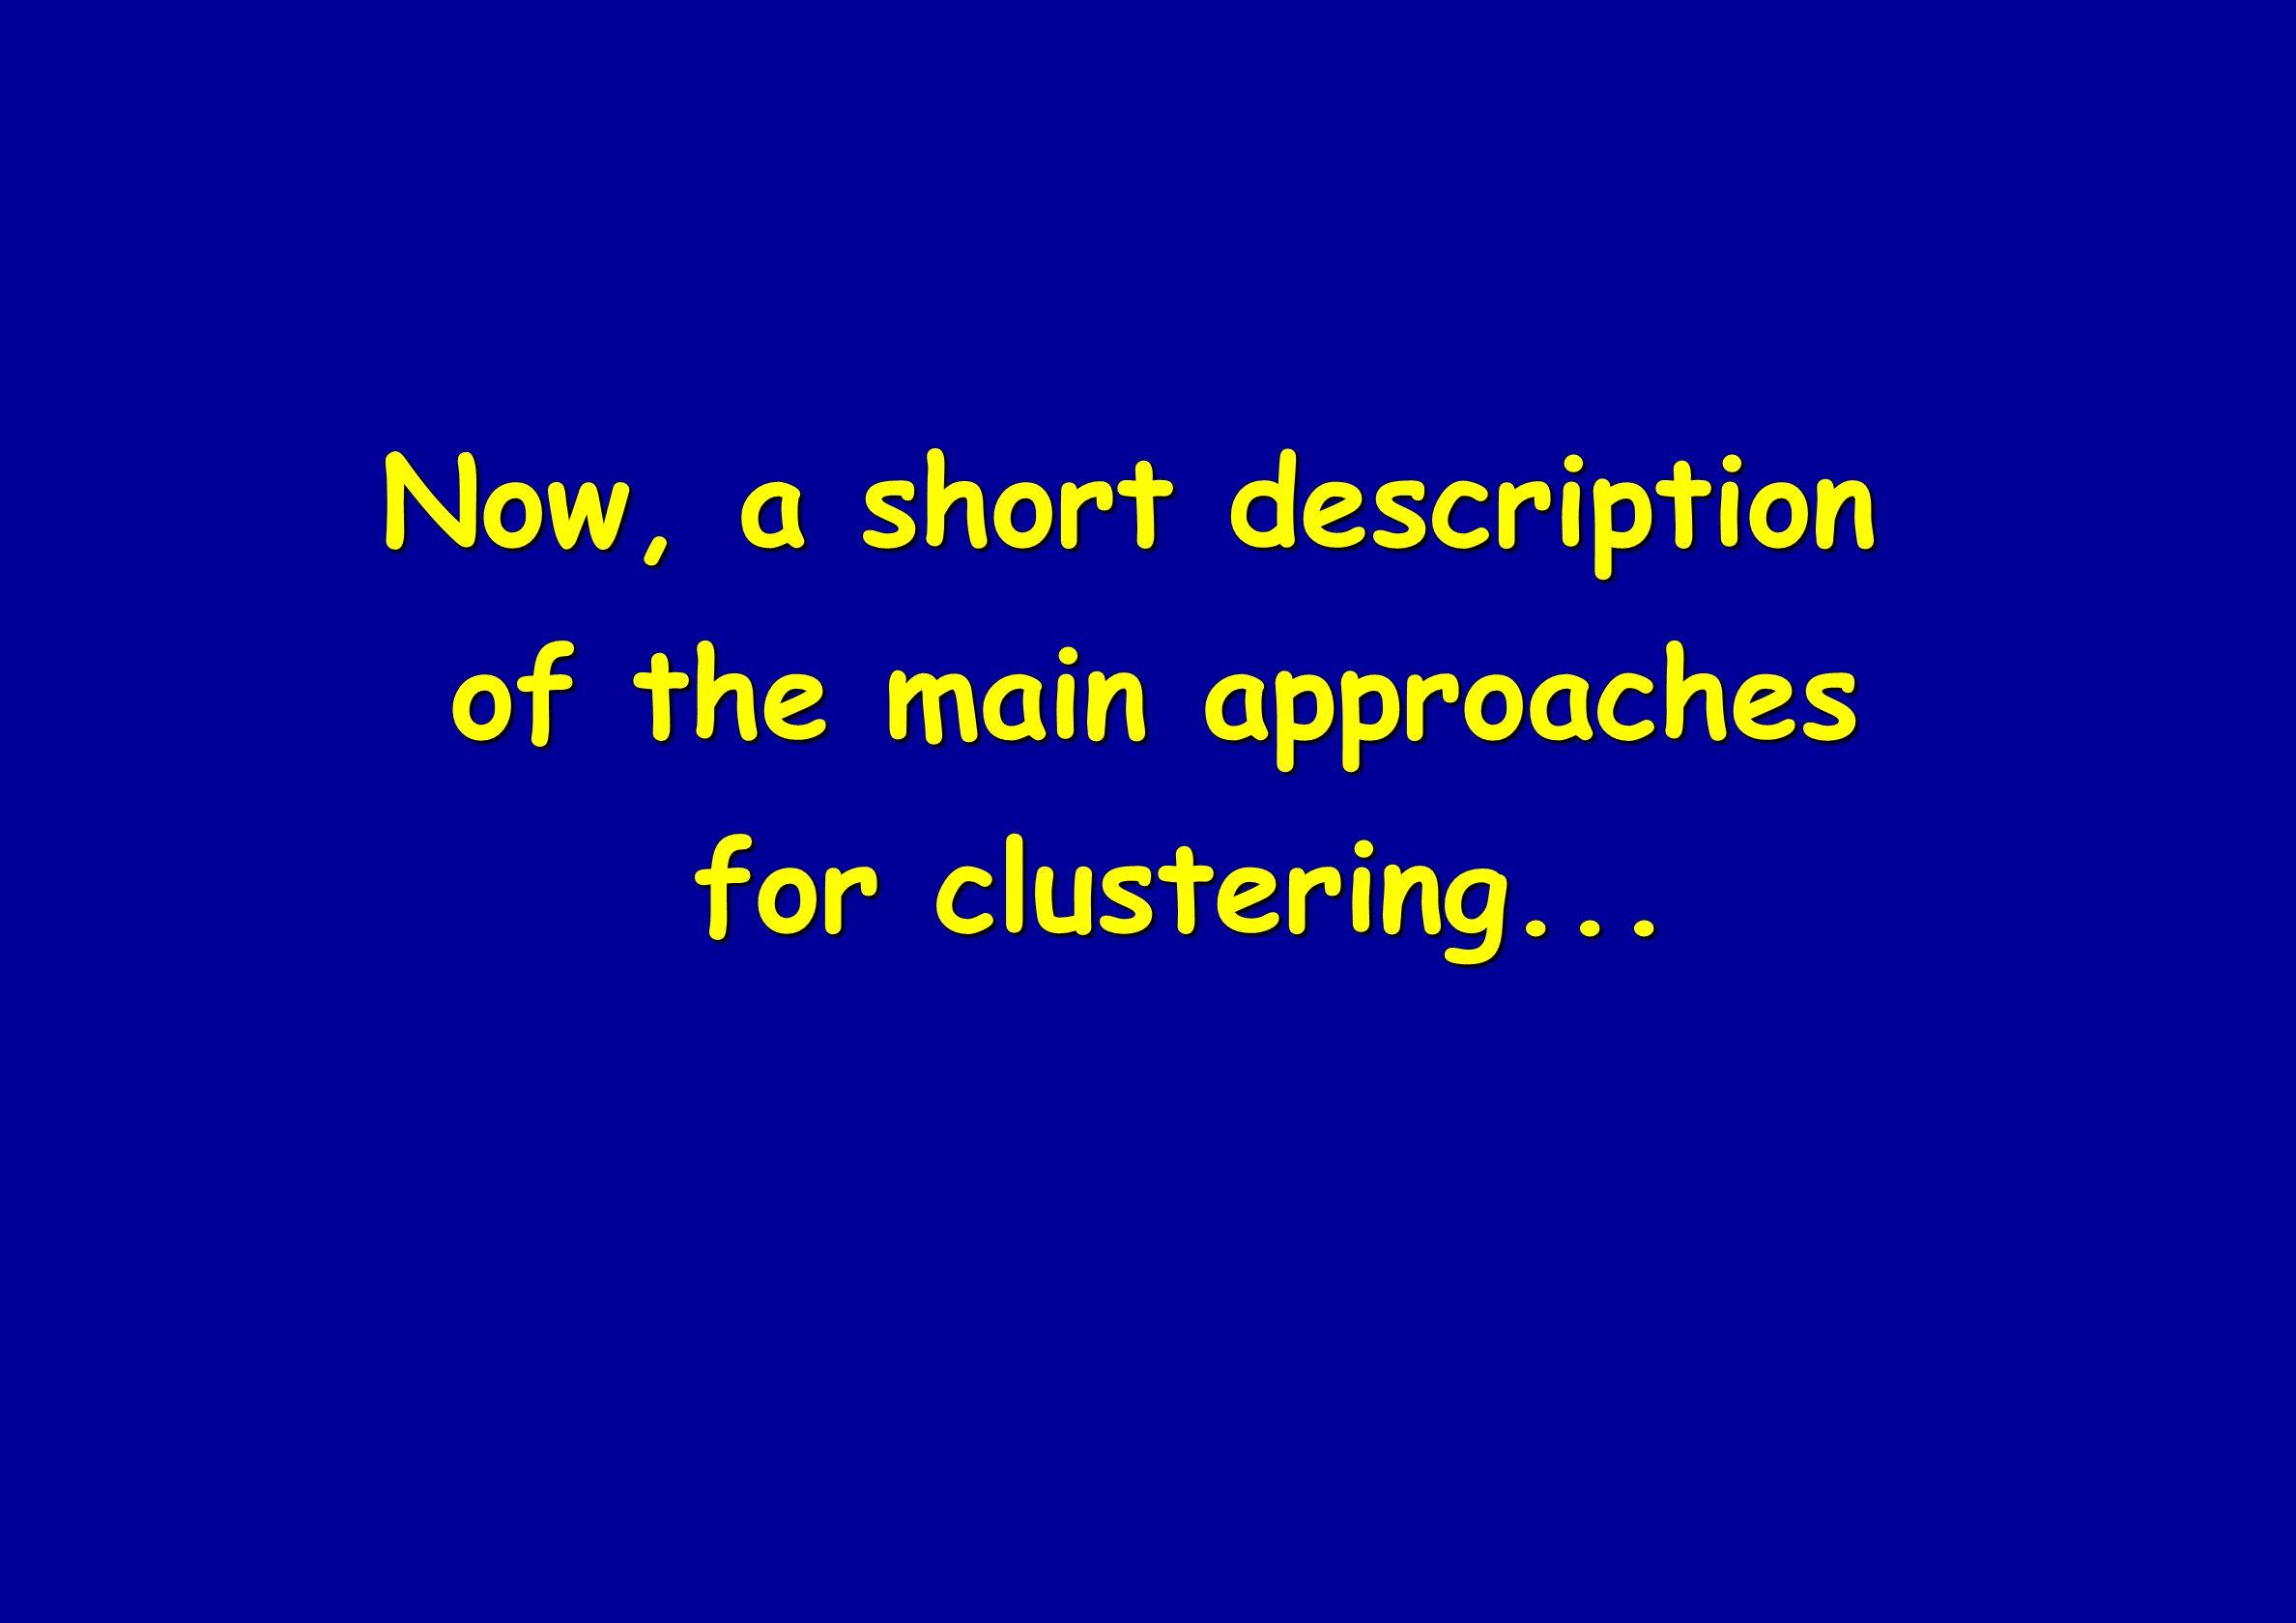 Now, a short description